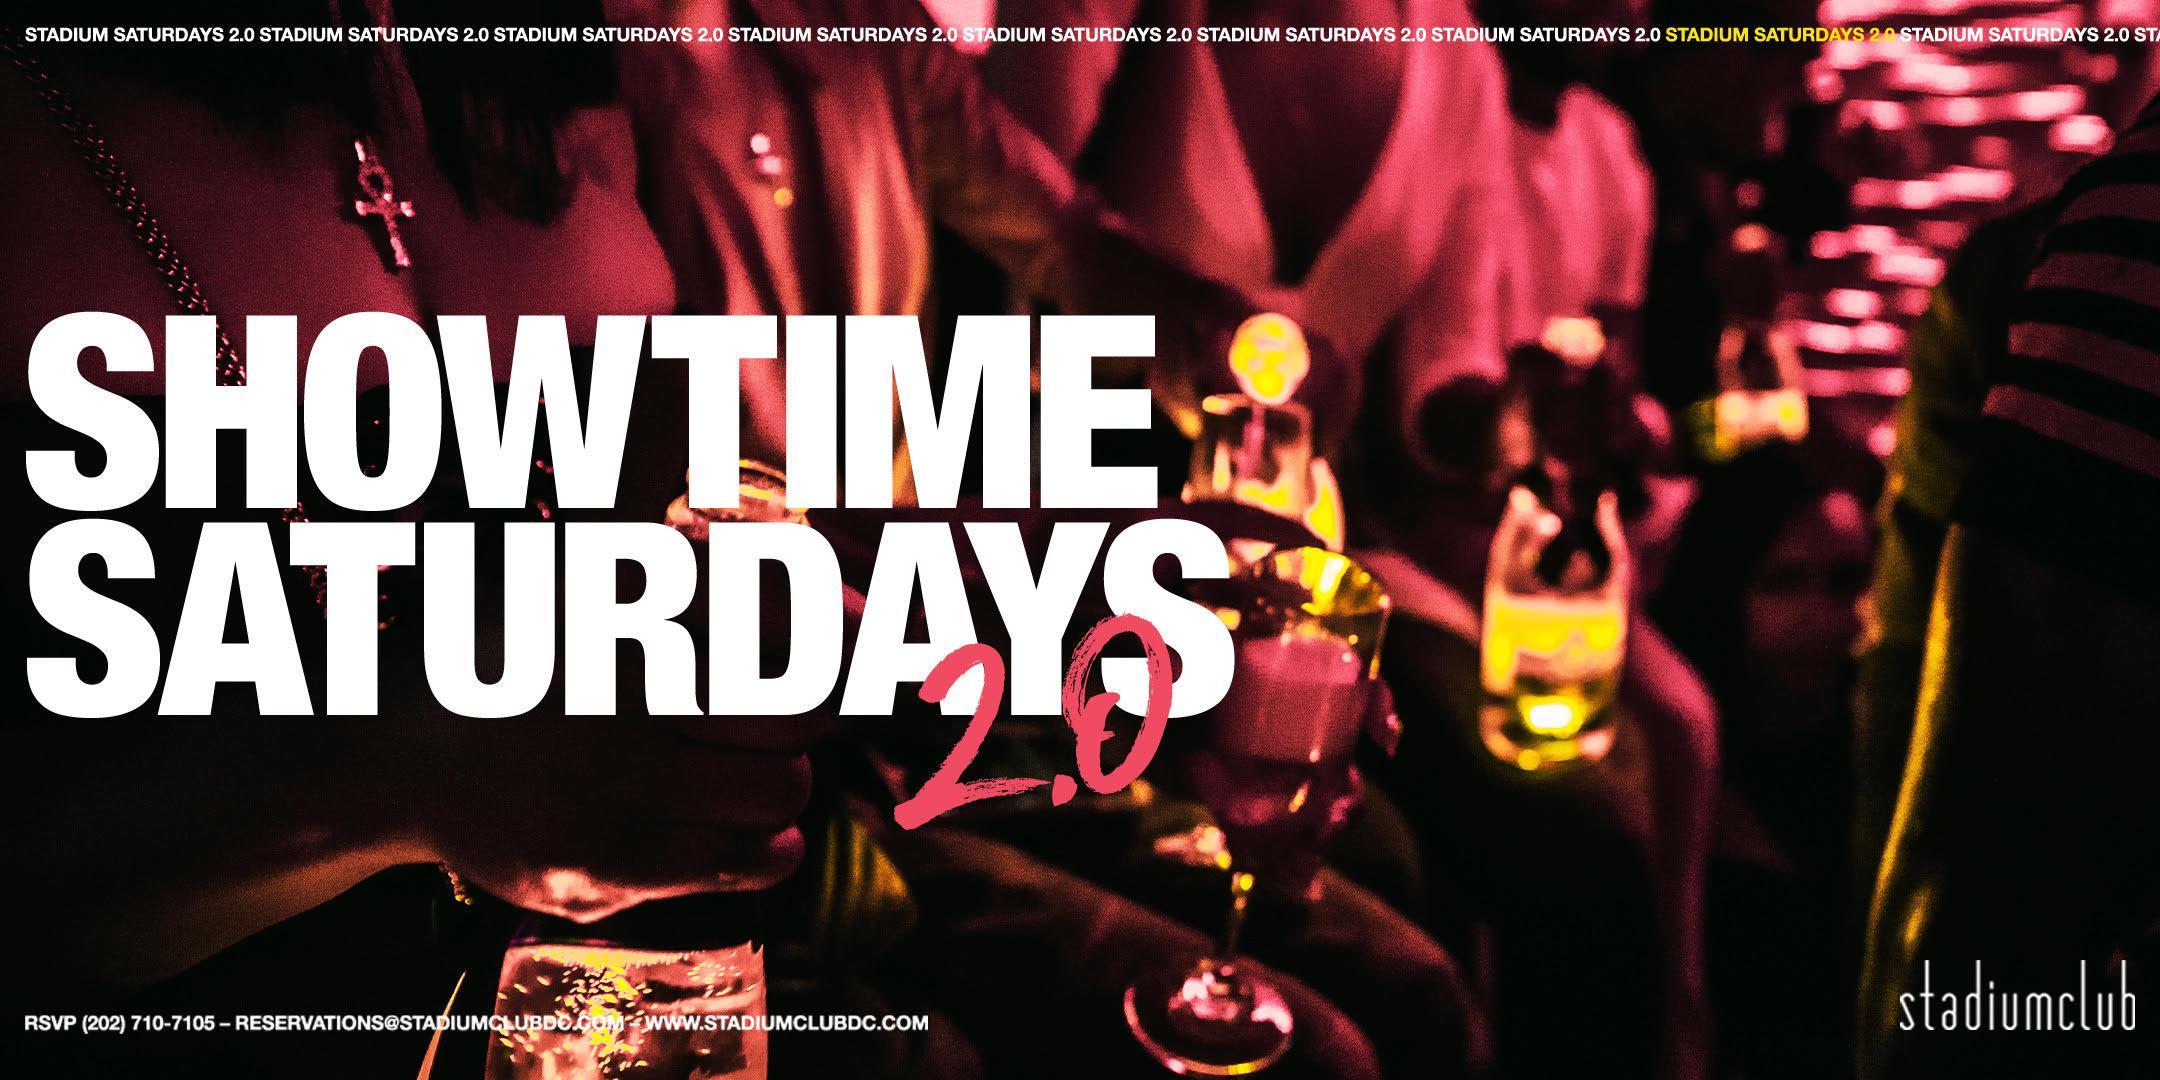 Showtime Saturdays 2.0